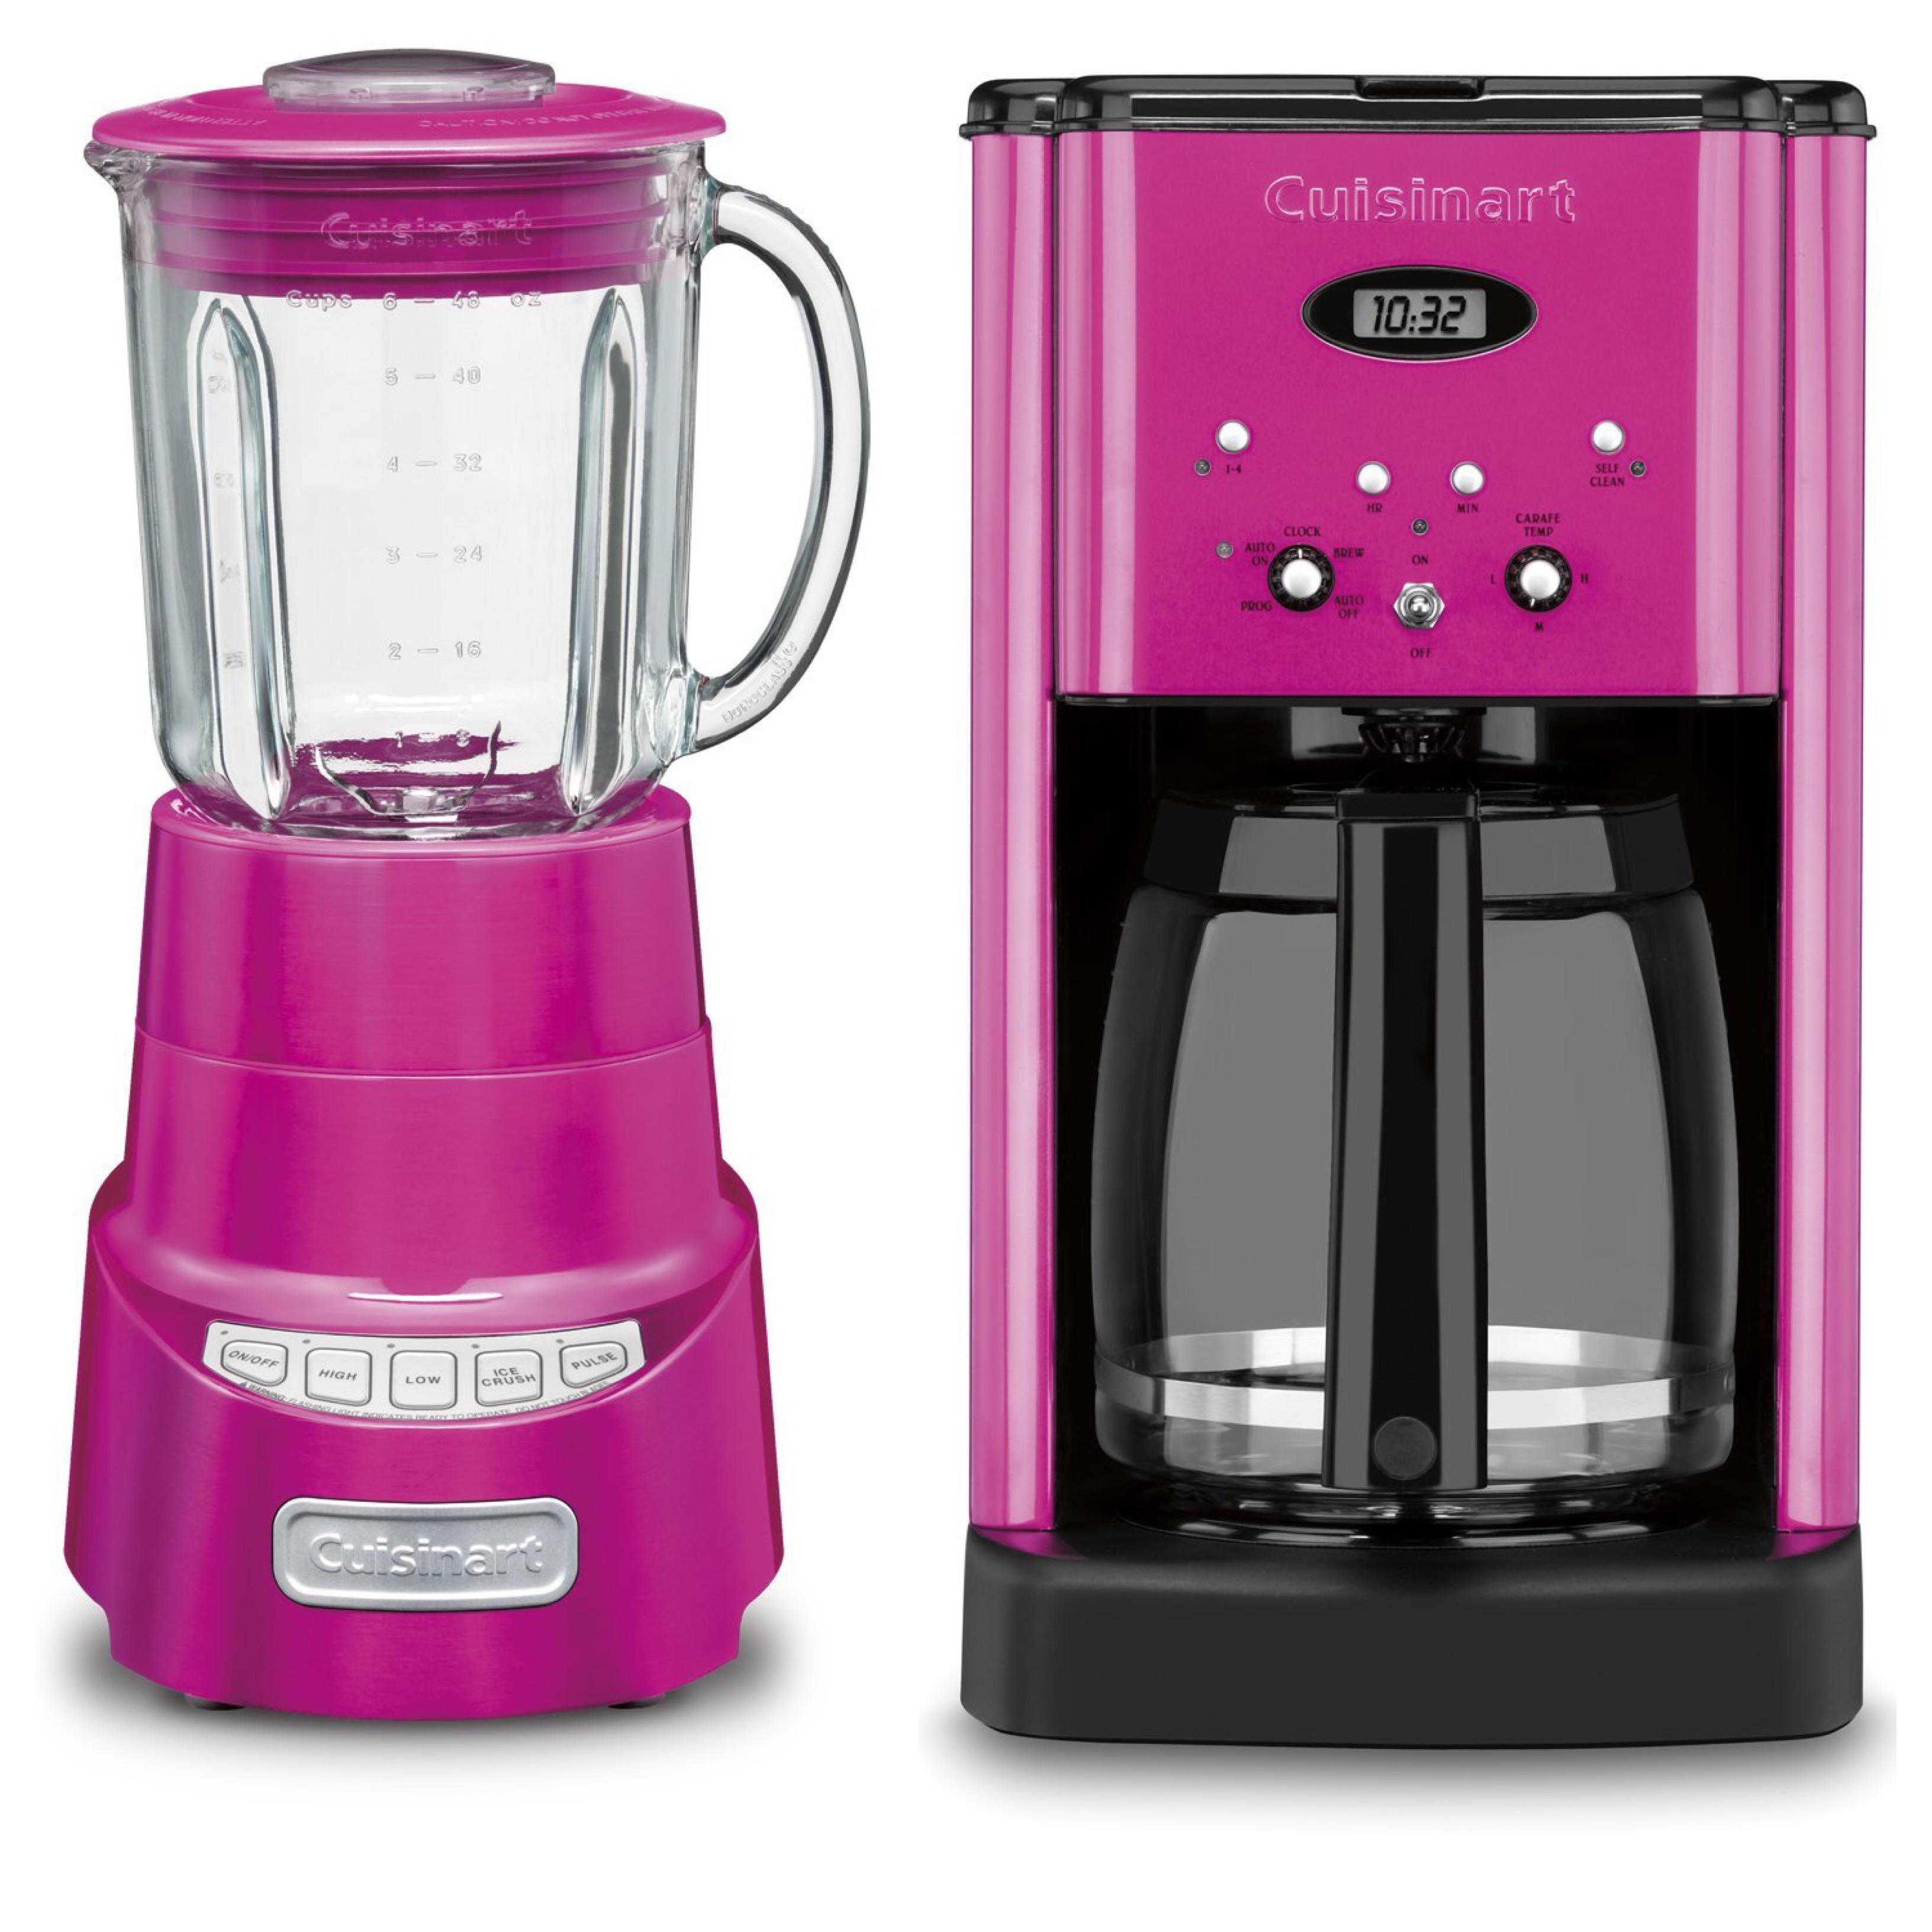 Hot Pink Cuisinart